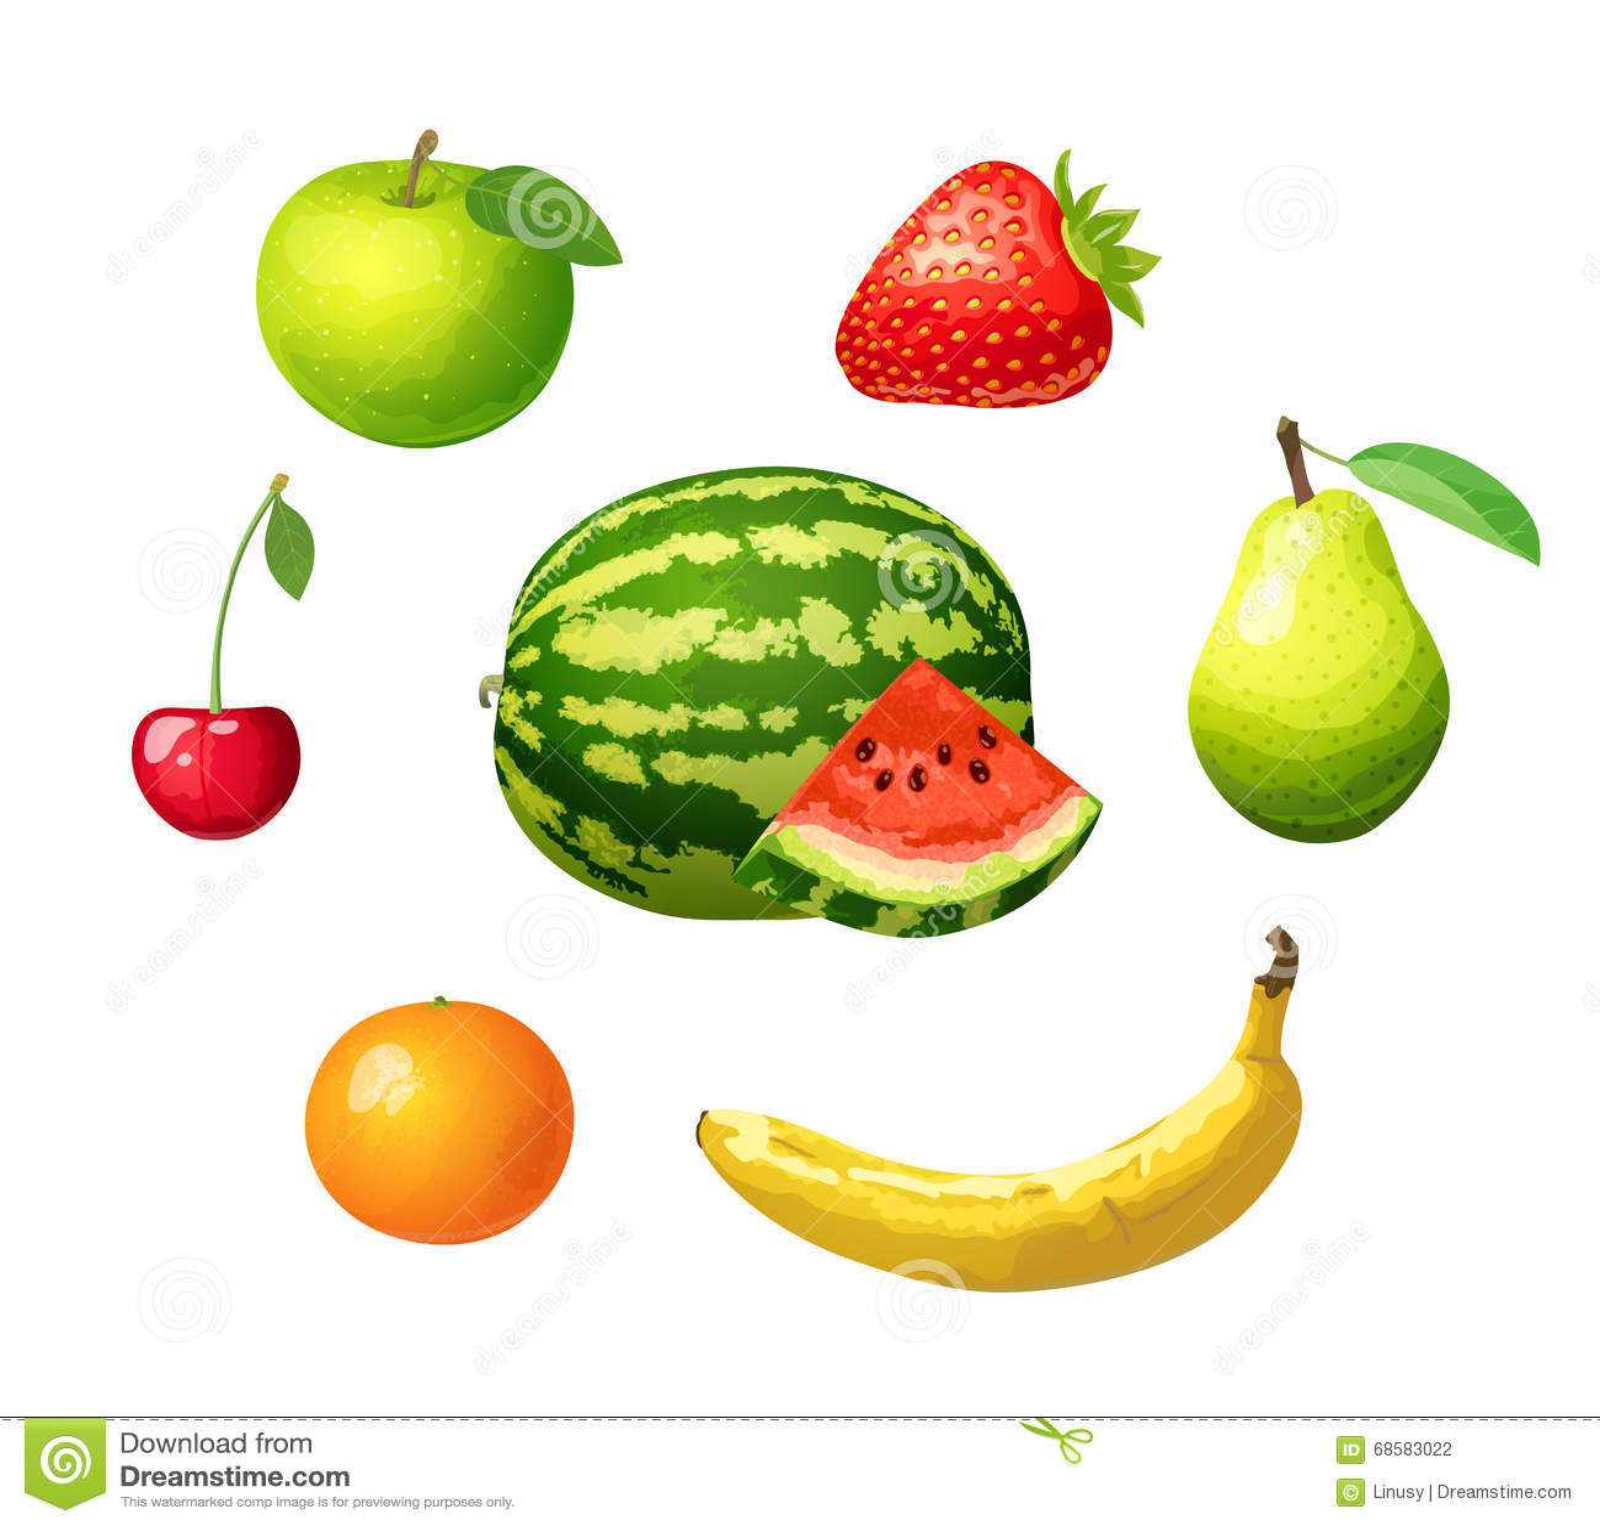 草莓的英文怎么寫 - www.klieqi.com